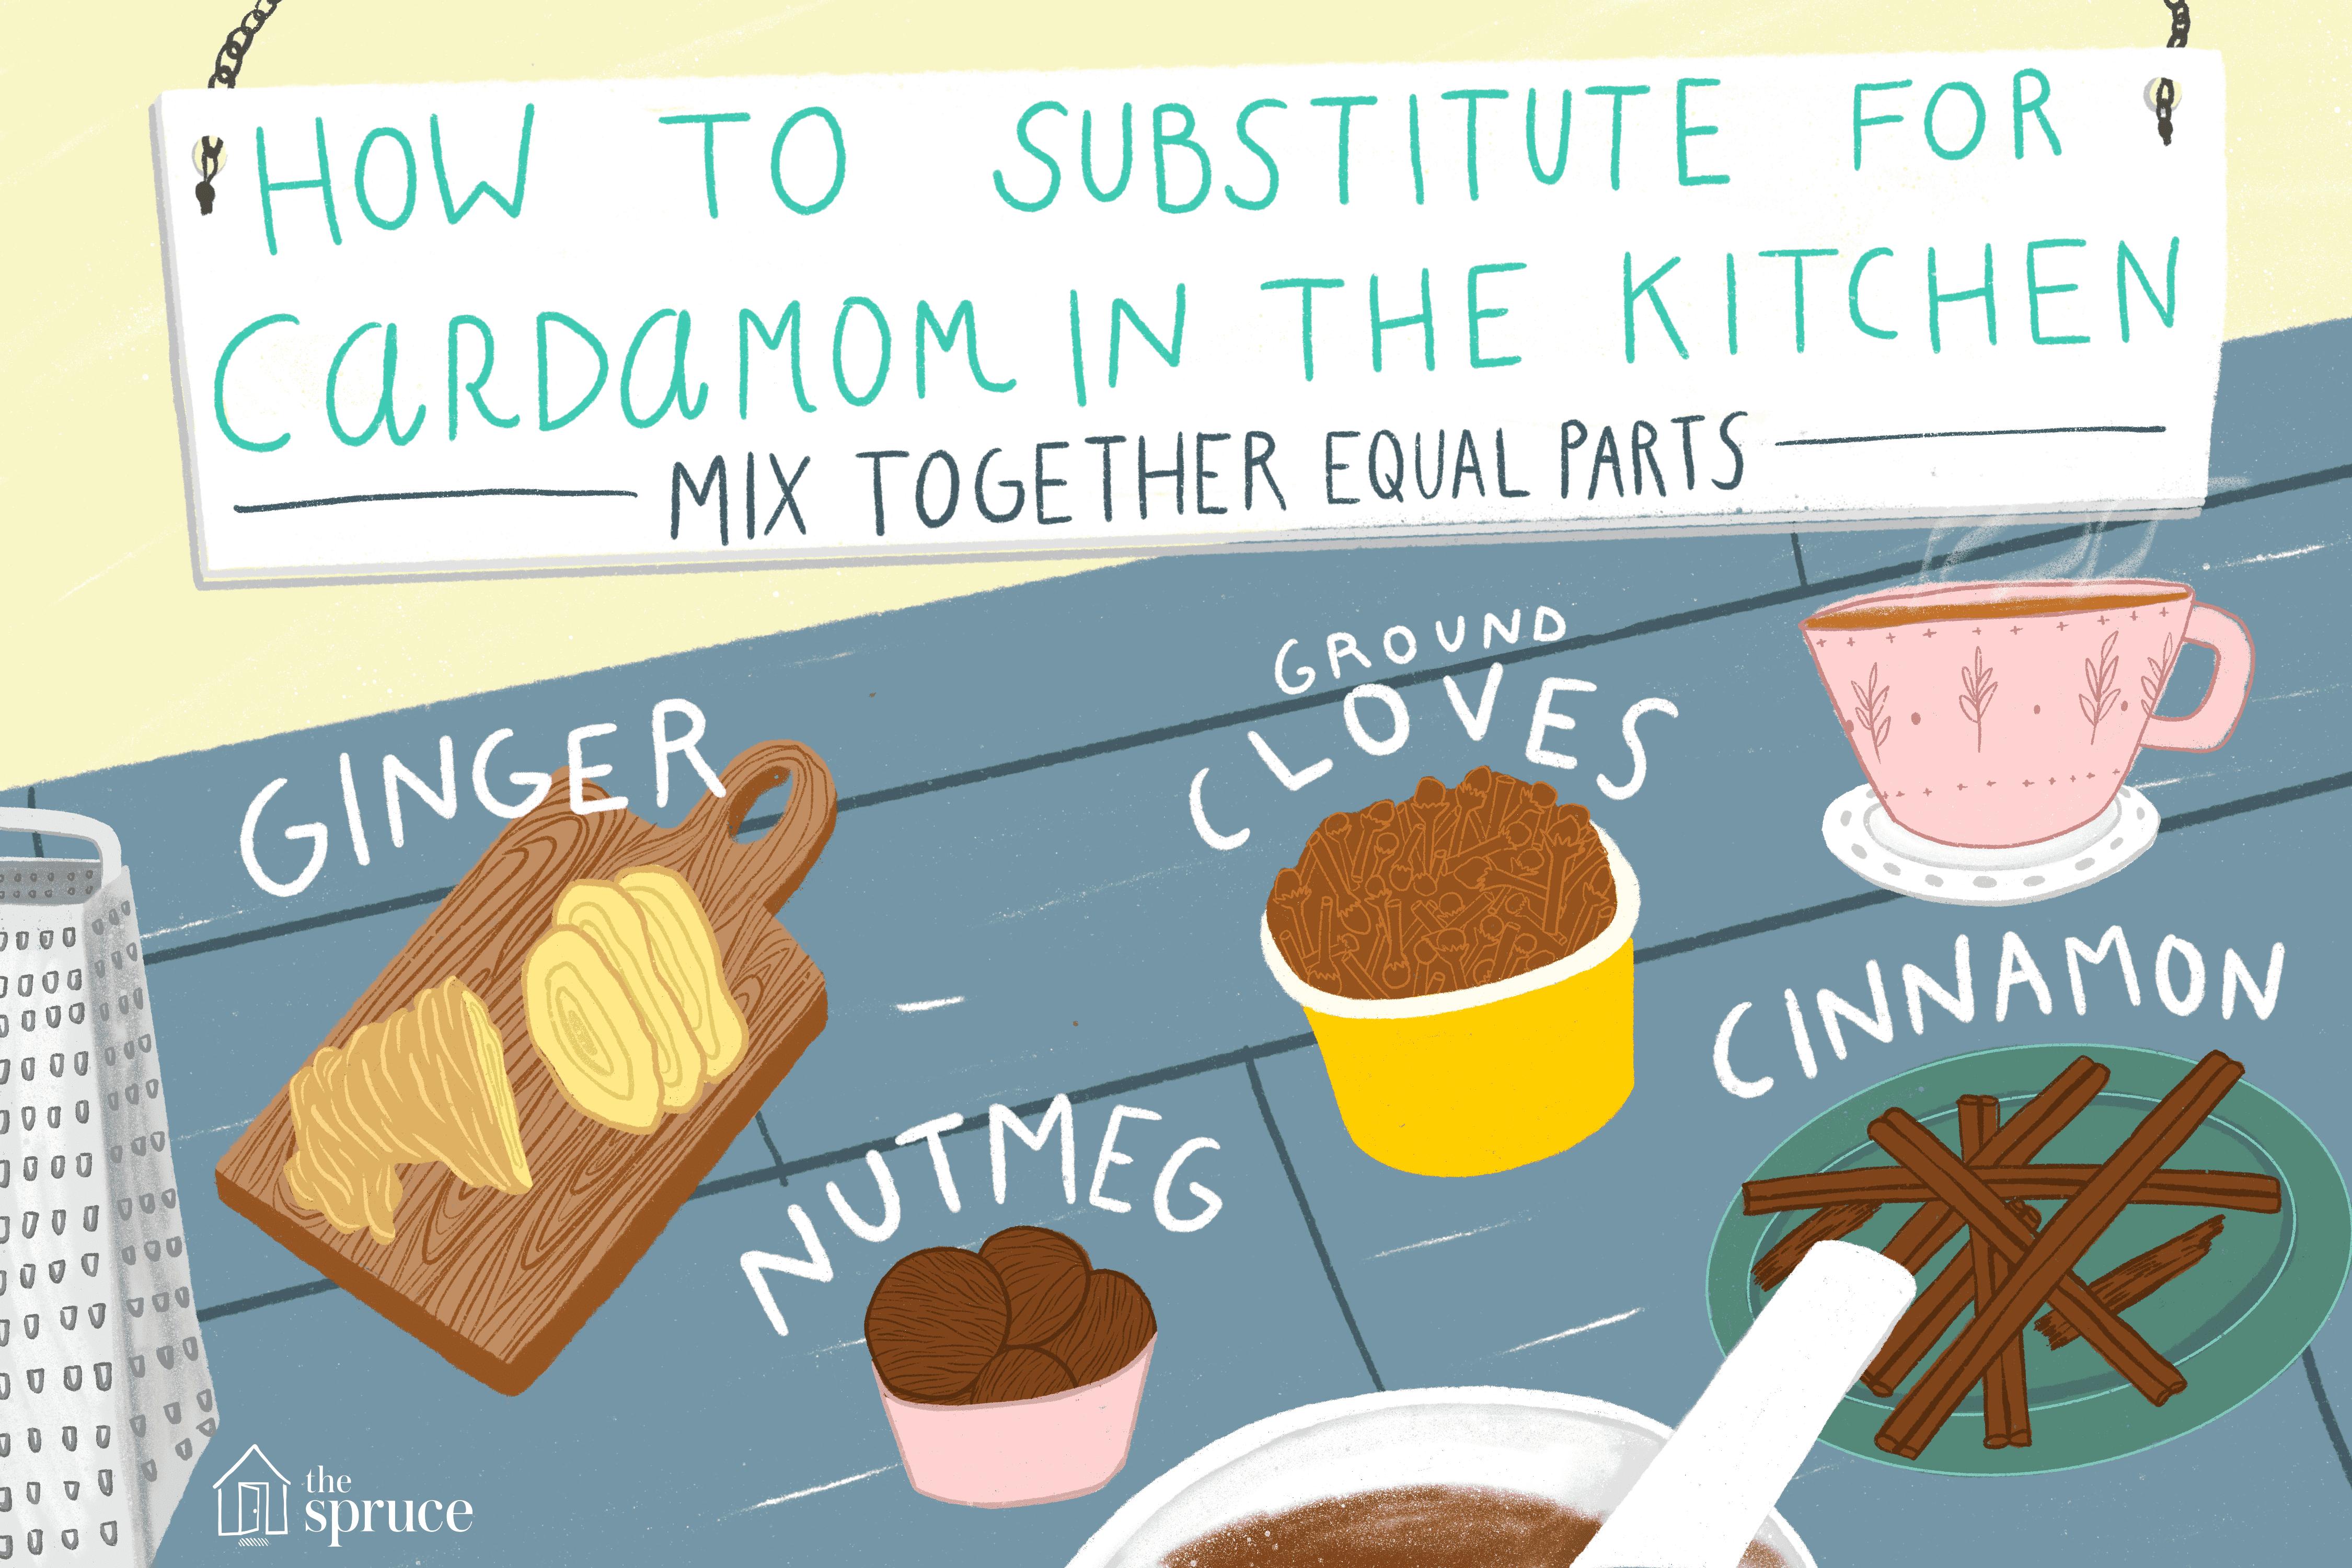 cardamom substitutes